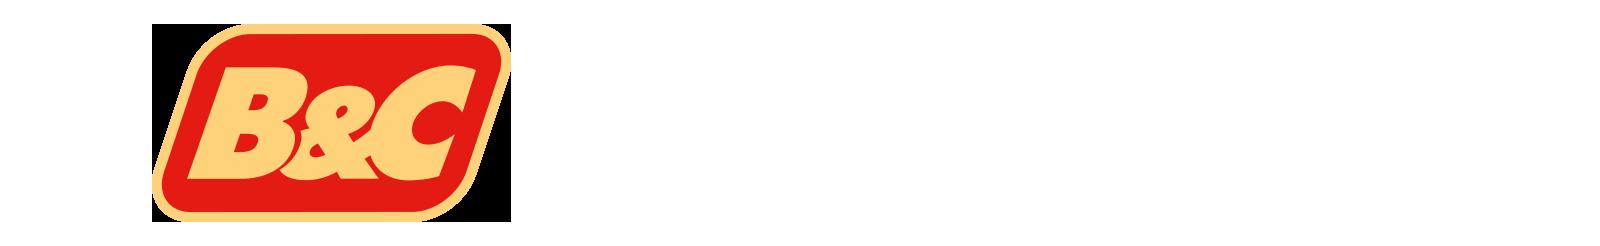 B&C Food - Export